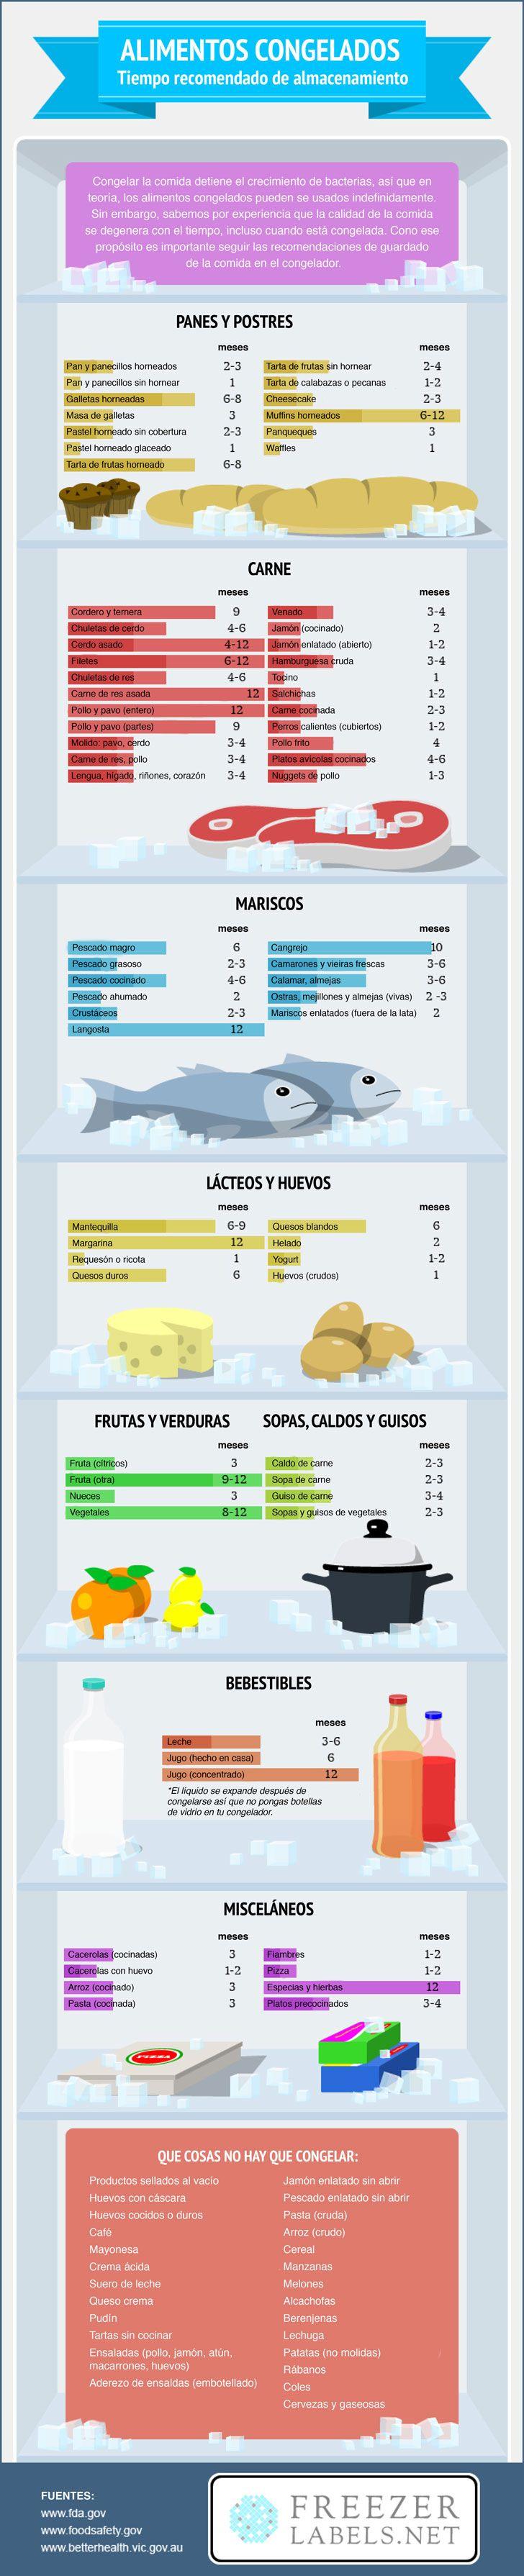 ¿Por cuánto tiempo puedes congelar los alimentos? Ahora lo sabrás | Upsocl